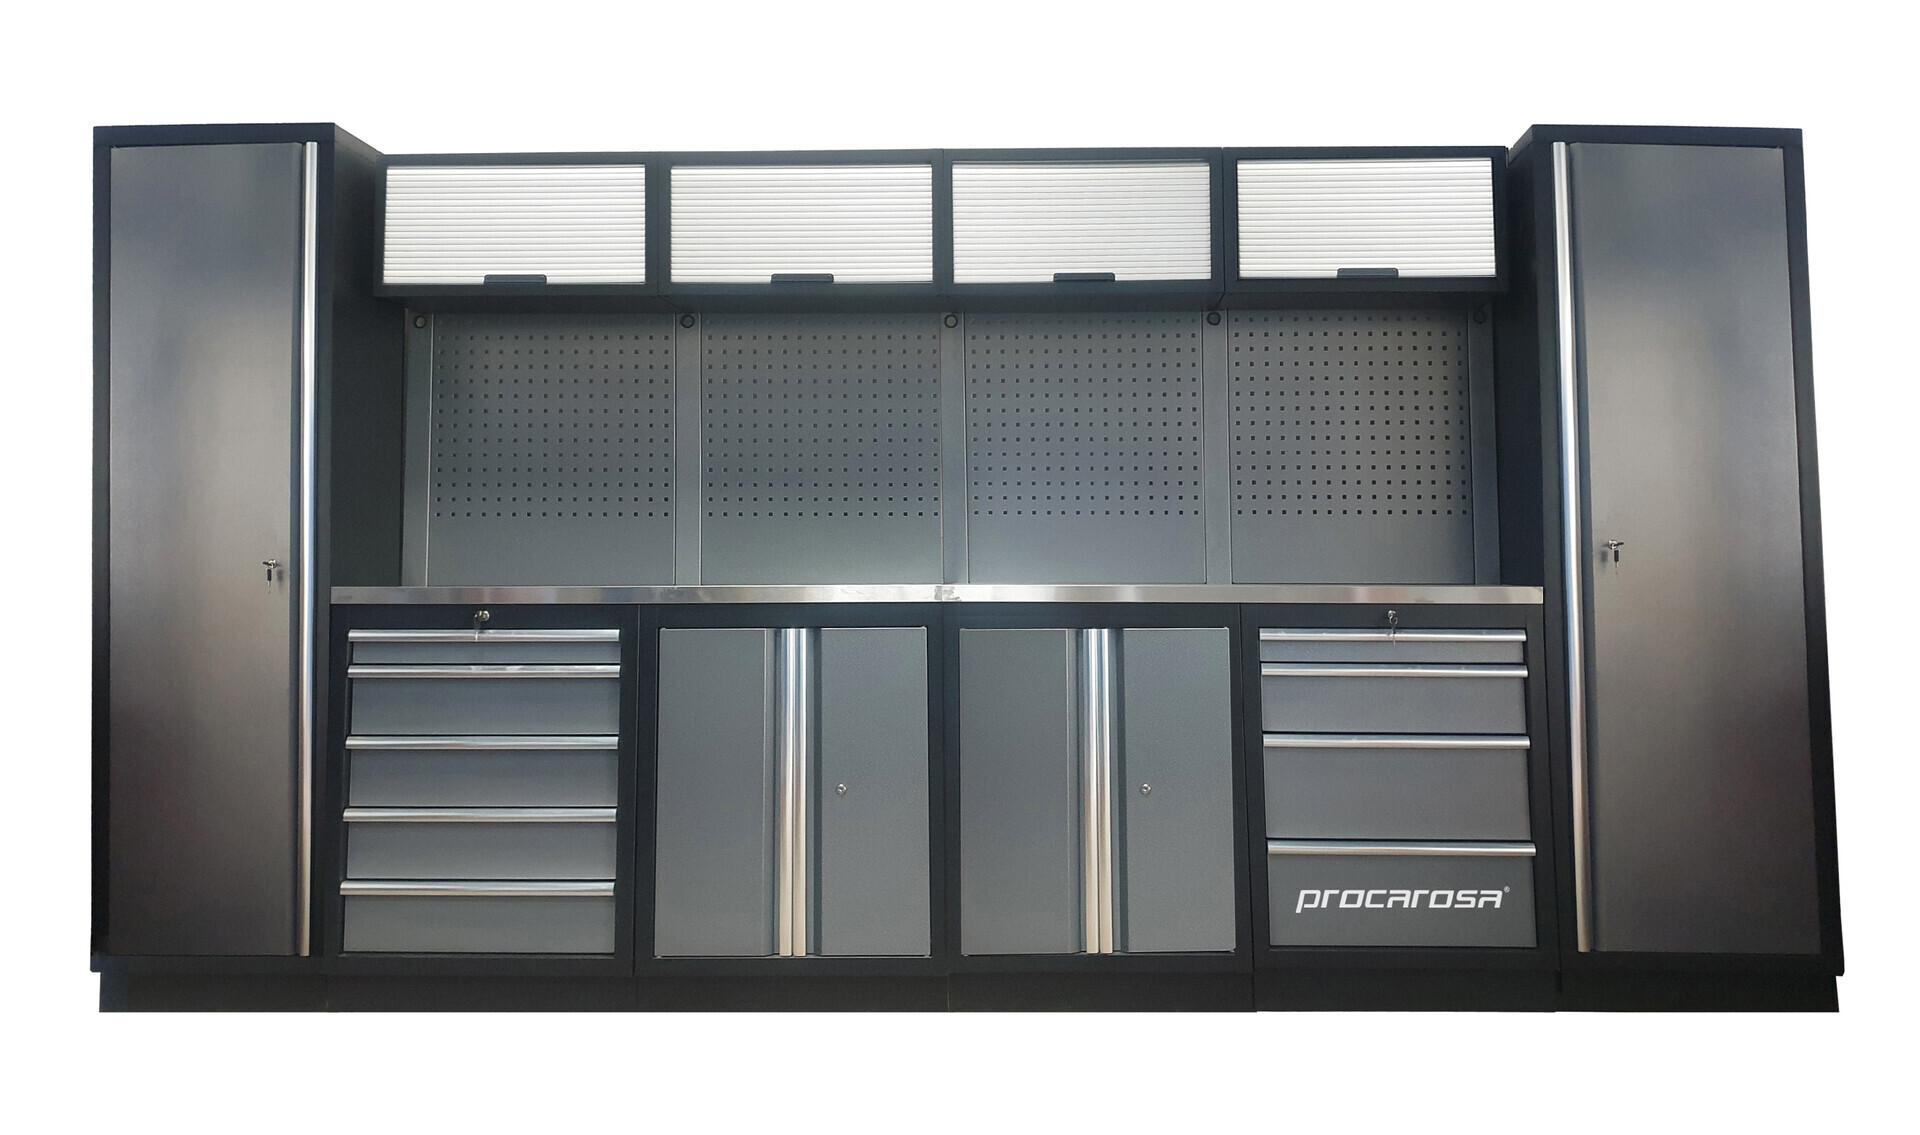 Sestava dílenského nábytku Procarosa PROFESSIONAL L-1 Pracovní deska: nerezová, Hmotnost: